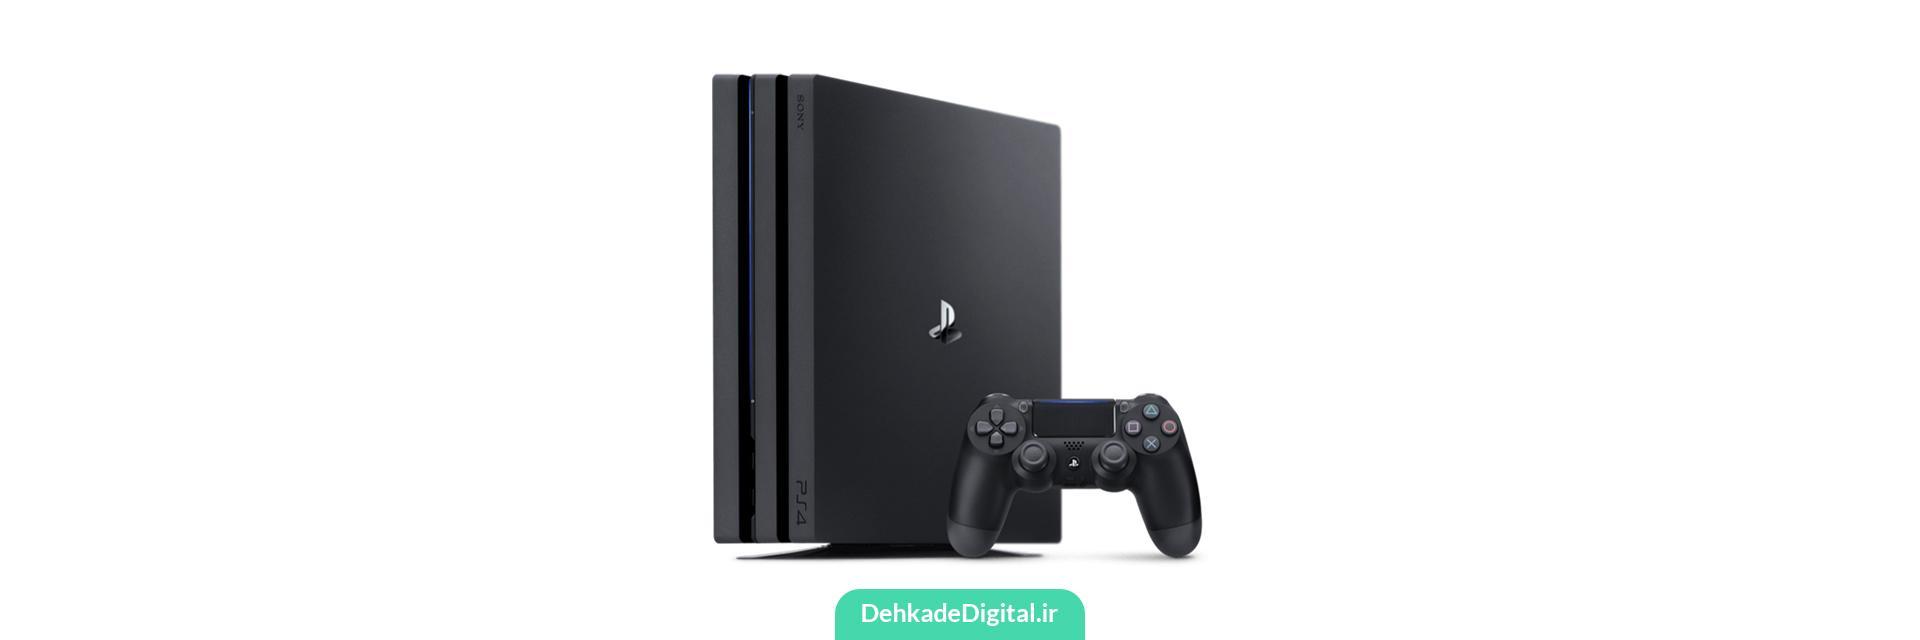 سیر تکامل پلی استیشن Playstation4 pro